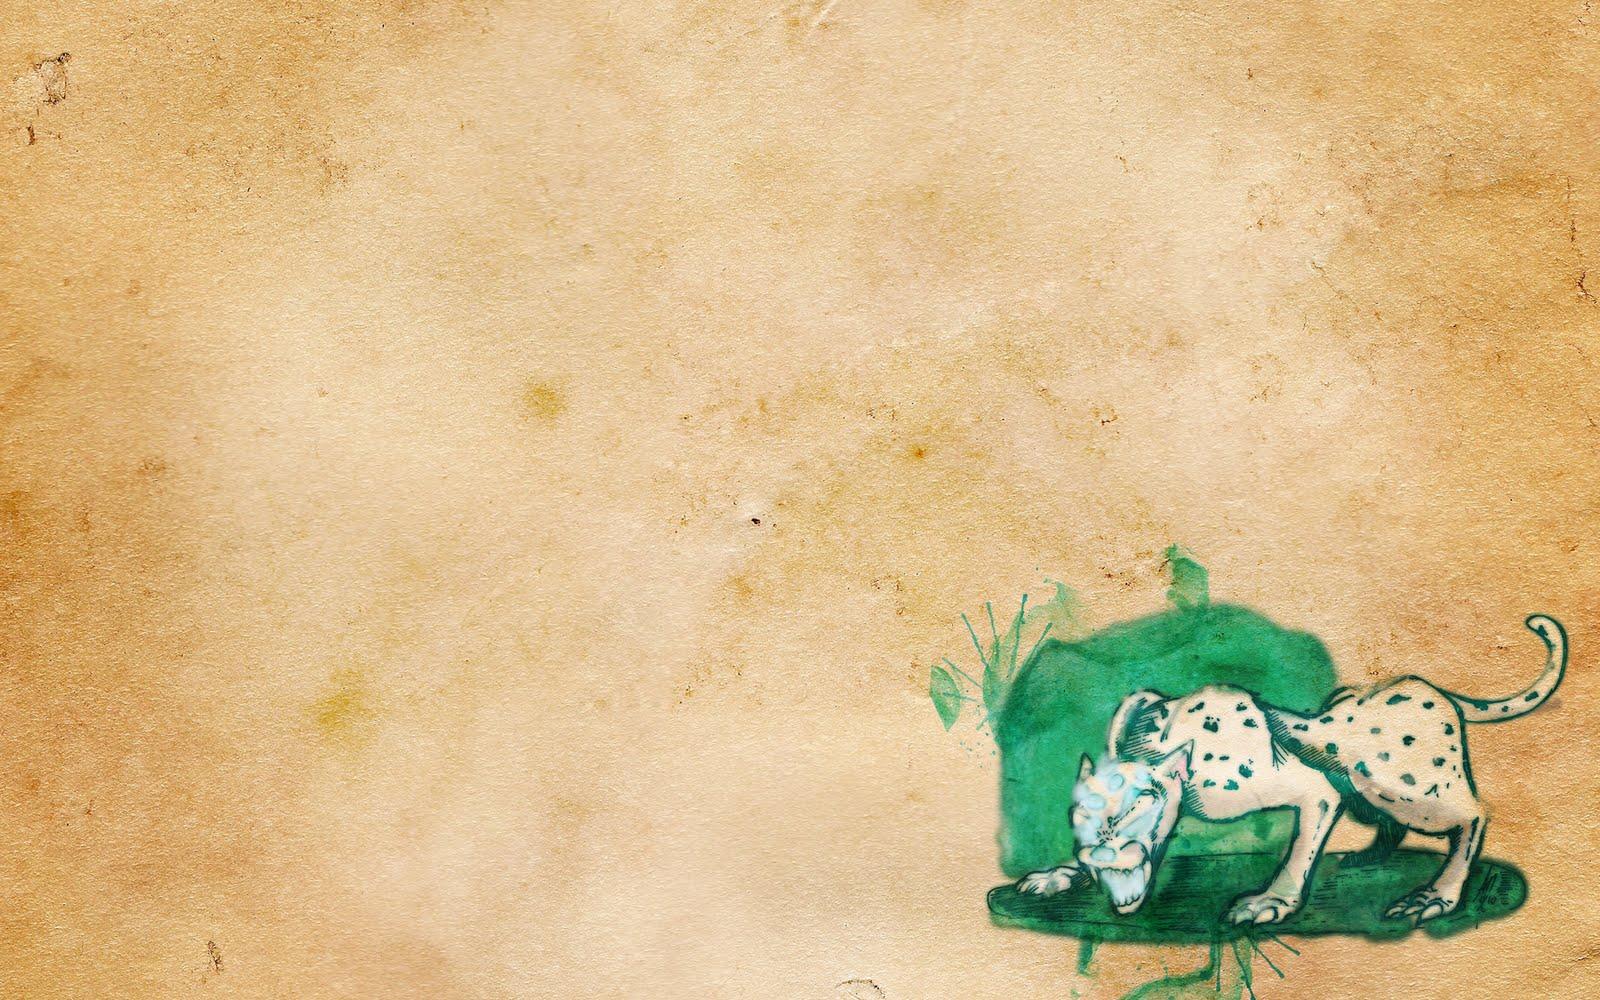 http://4.bp.blogspot.com/_sRHWyQn67uQ/TSOyxfe5WfI/AAAAAAAABVA/TqKQifvz_os/s1600/virgil-wallpaper.jpg